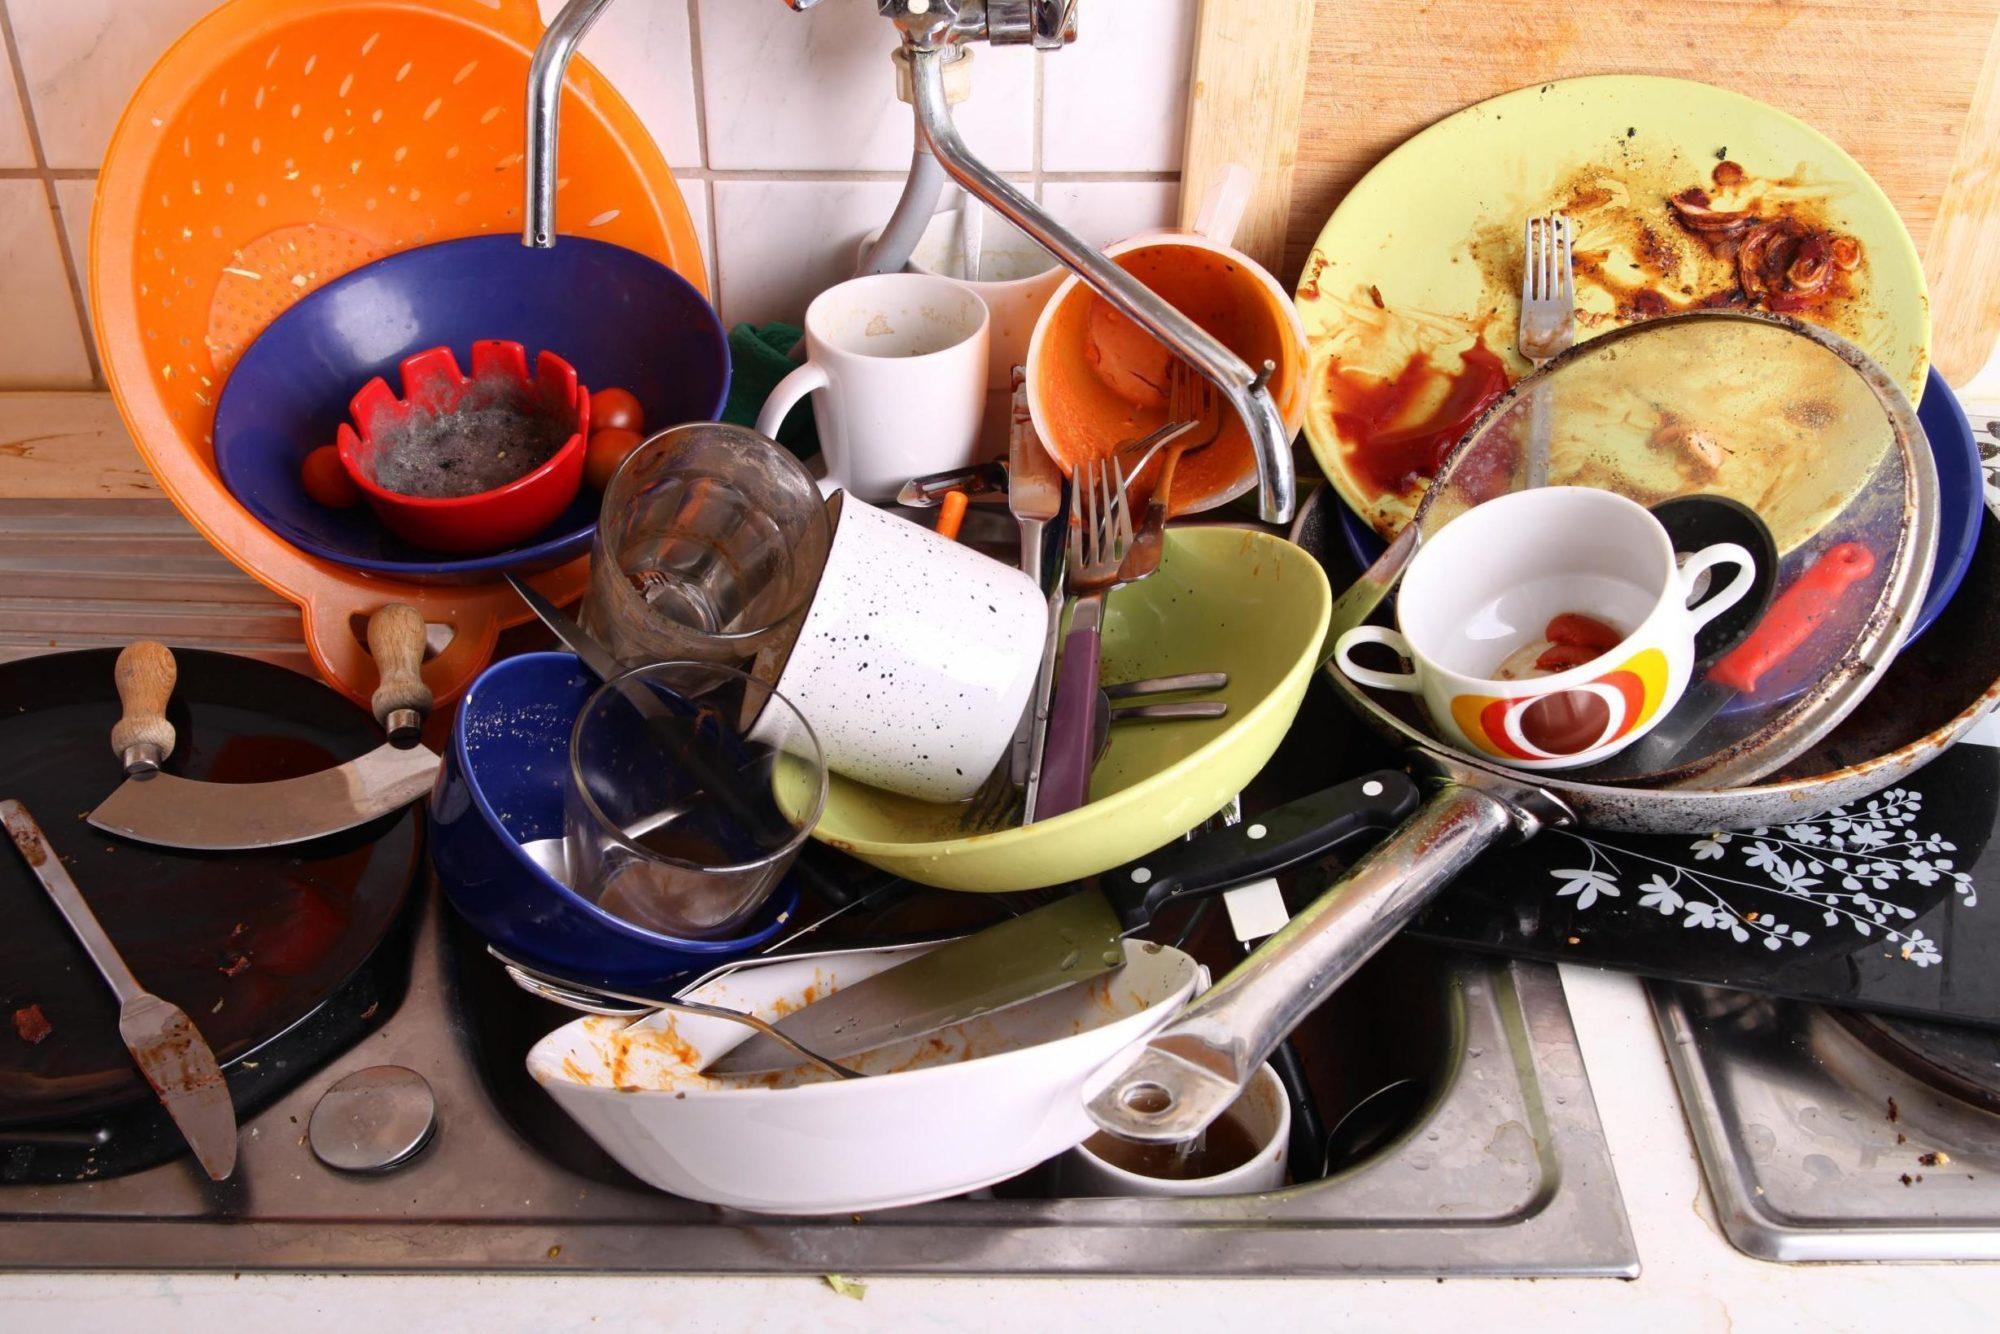 Гораздо проще помыть одну тарелку сразу, чем гору посуды потом